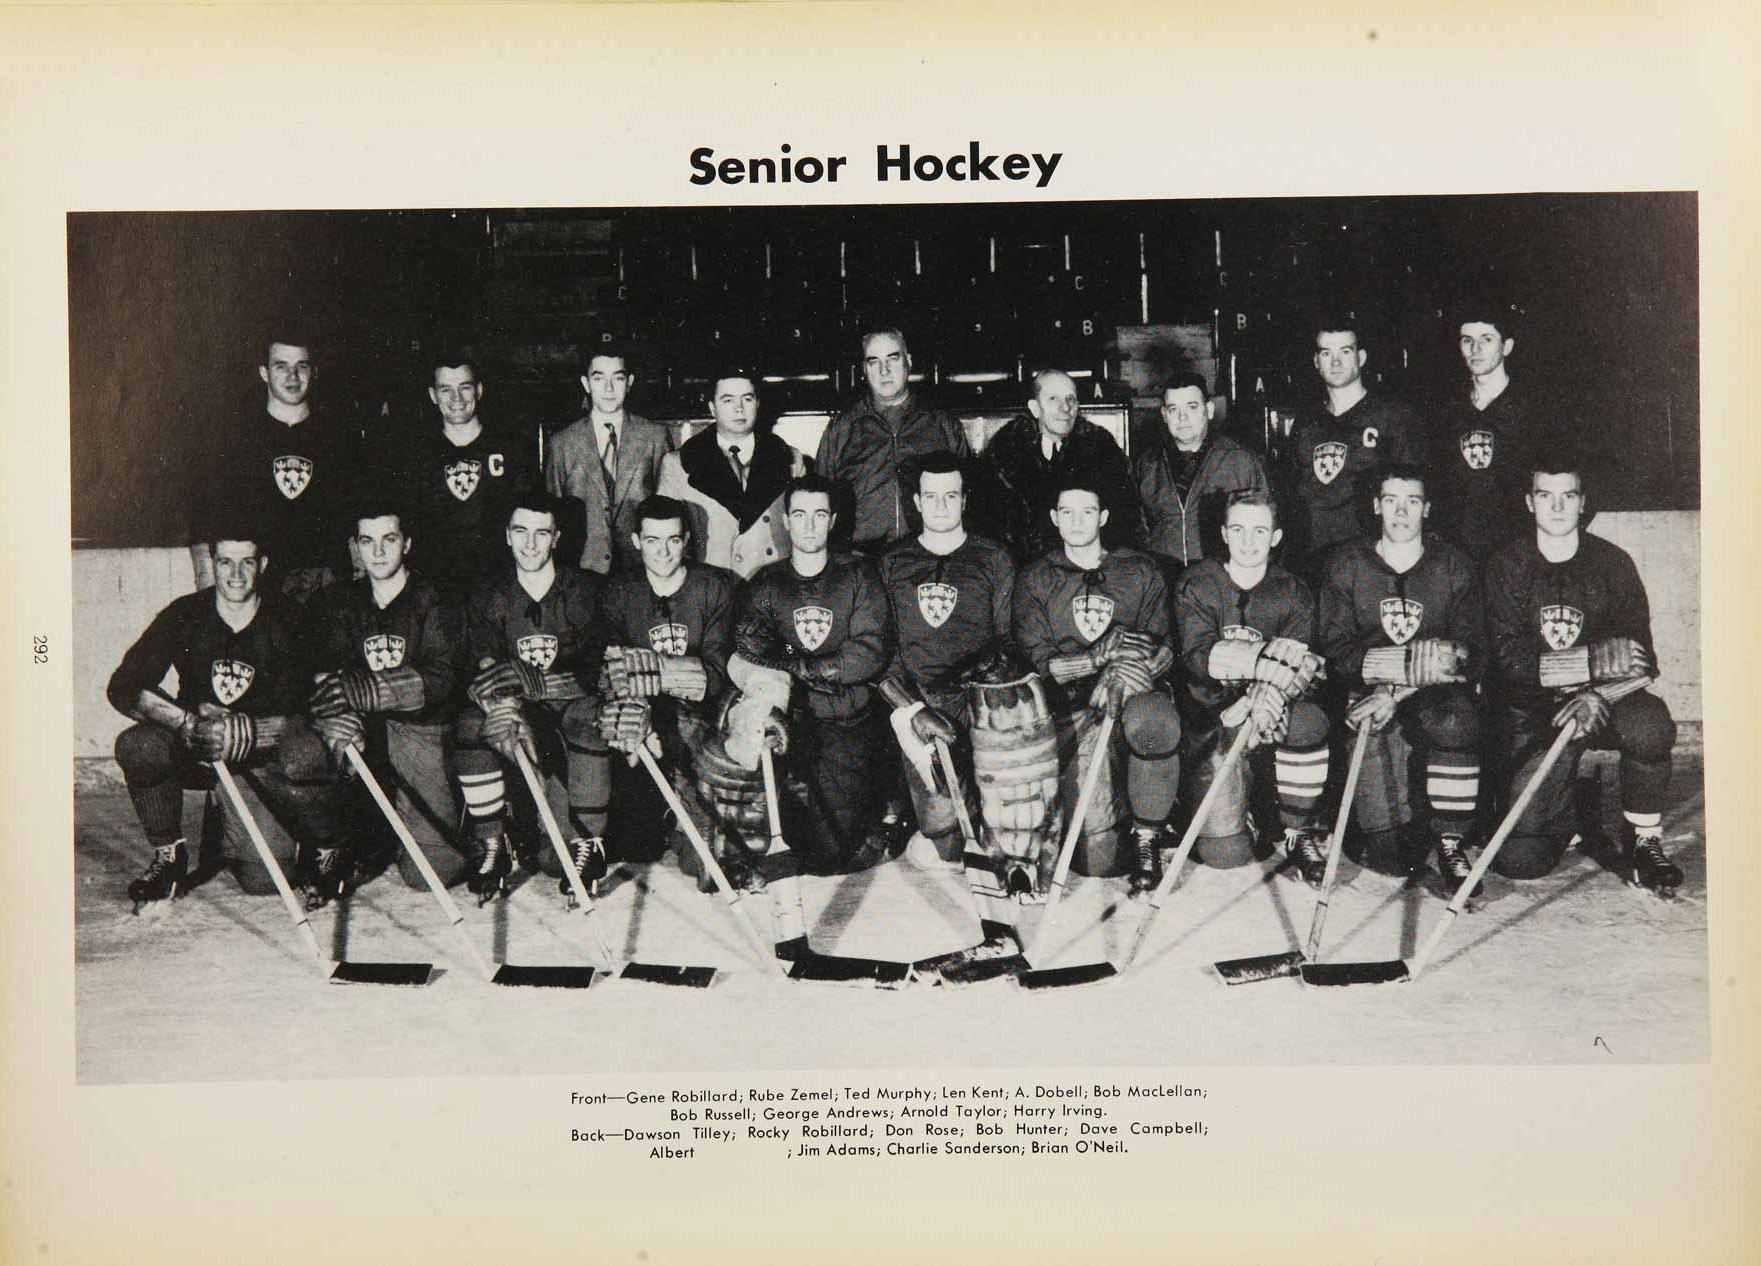 1949-50 CIAU Season